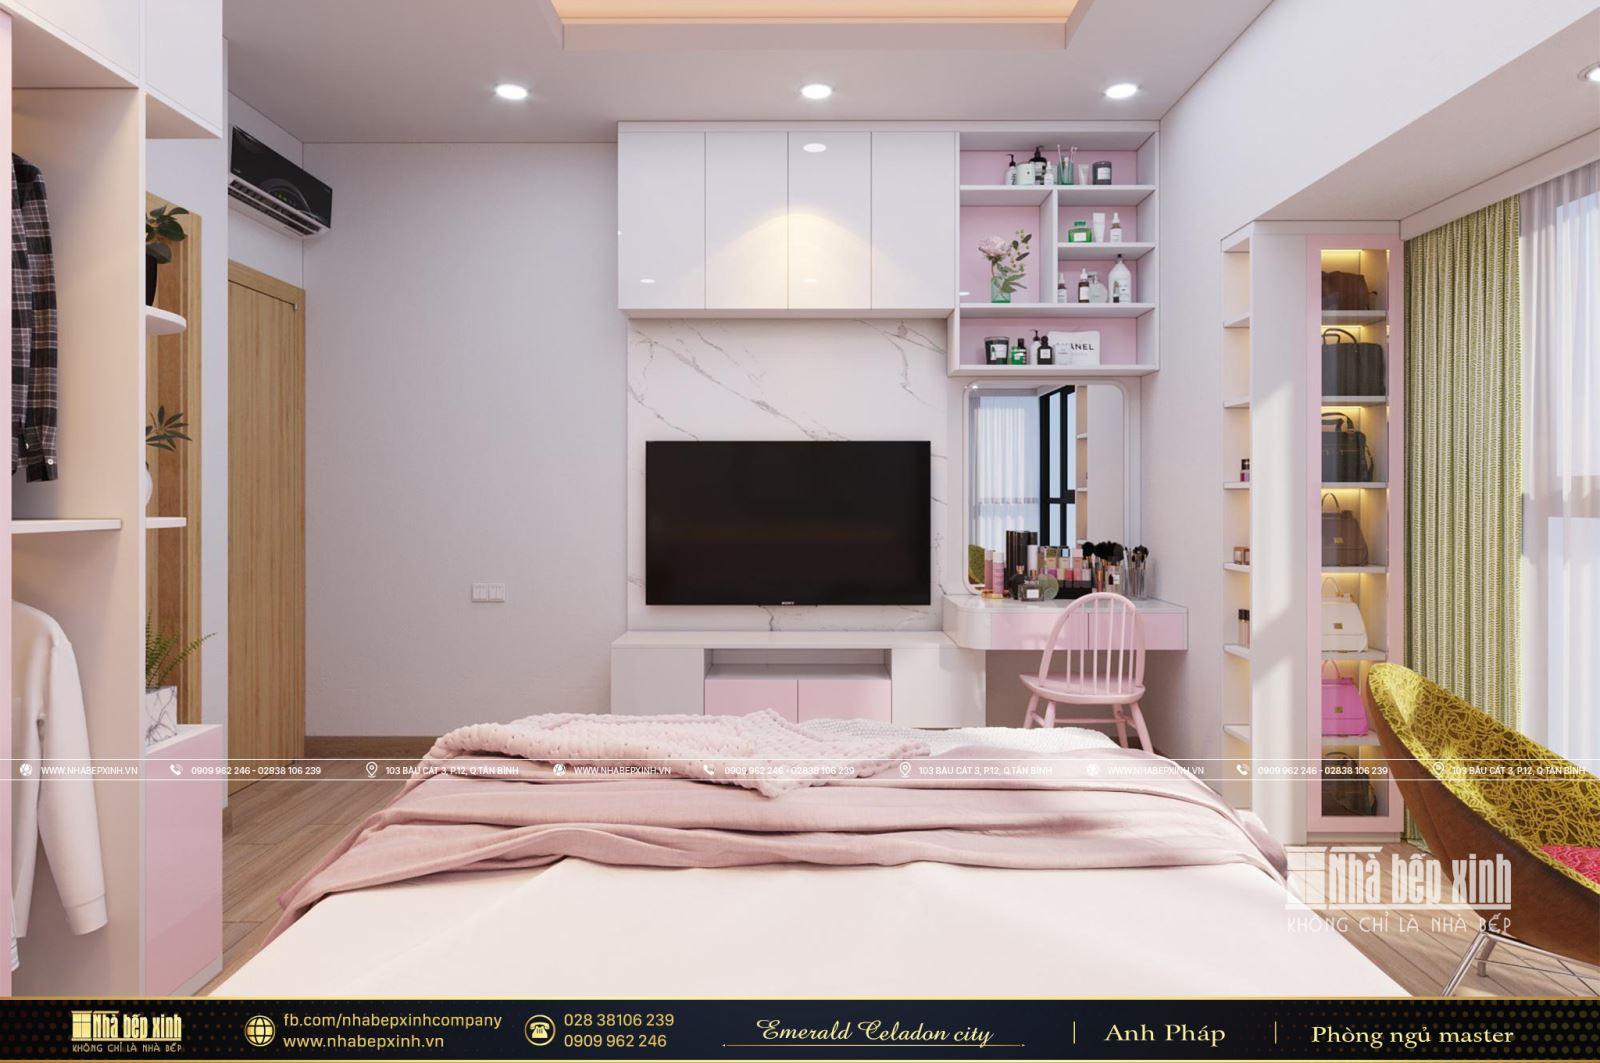 Nội thất phòng ngủ sang trọng tại Emerald Celadon City 104m2